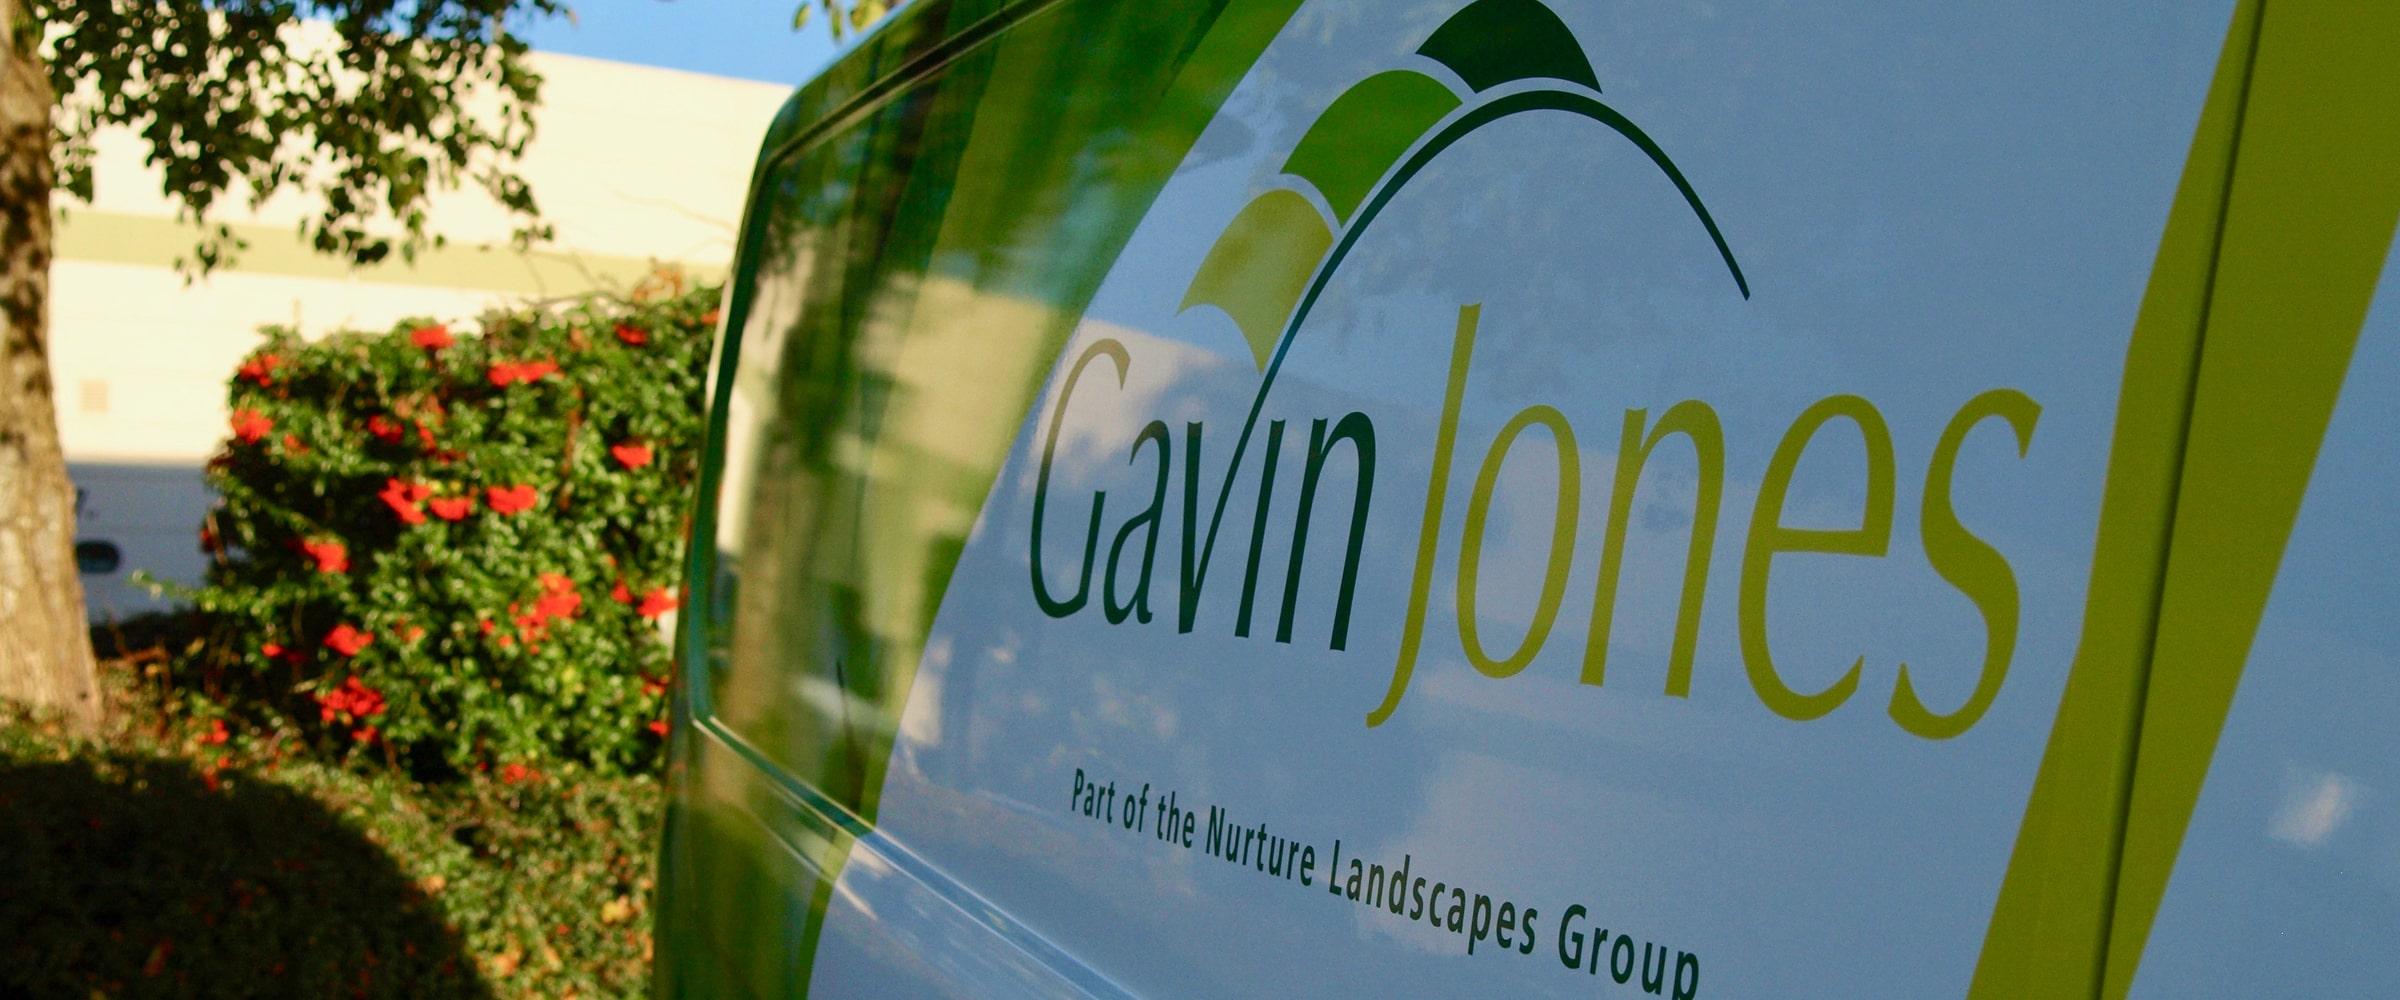 Fleet branding for Nuture Landscapes Group